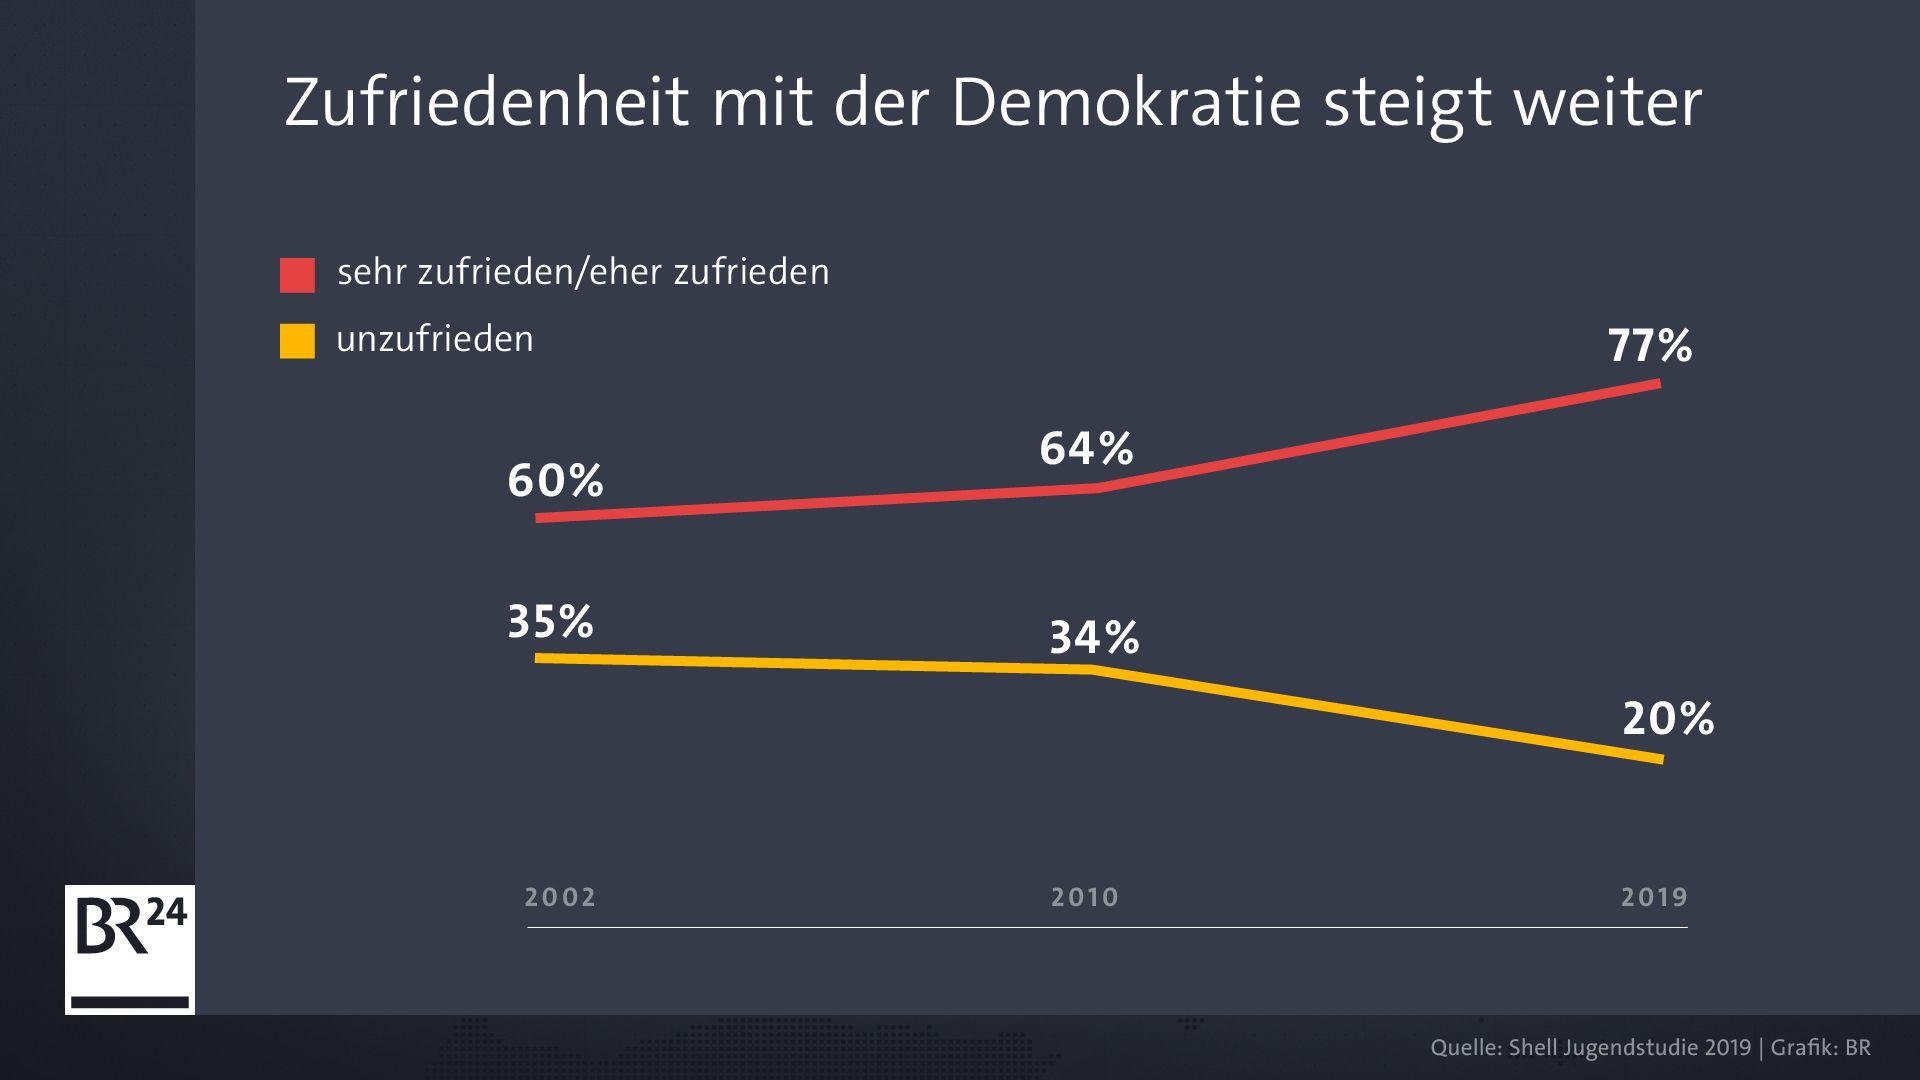 Zufriedenheit mit der Demokratie